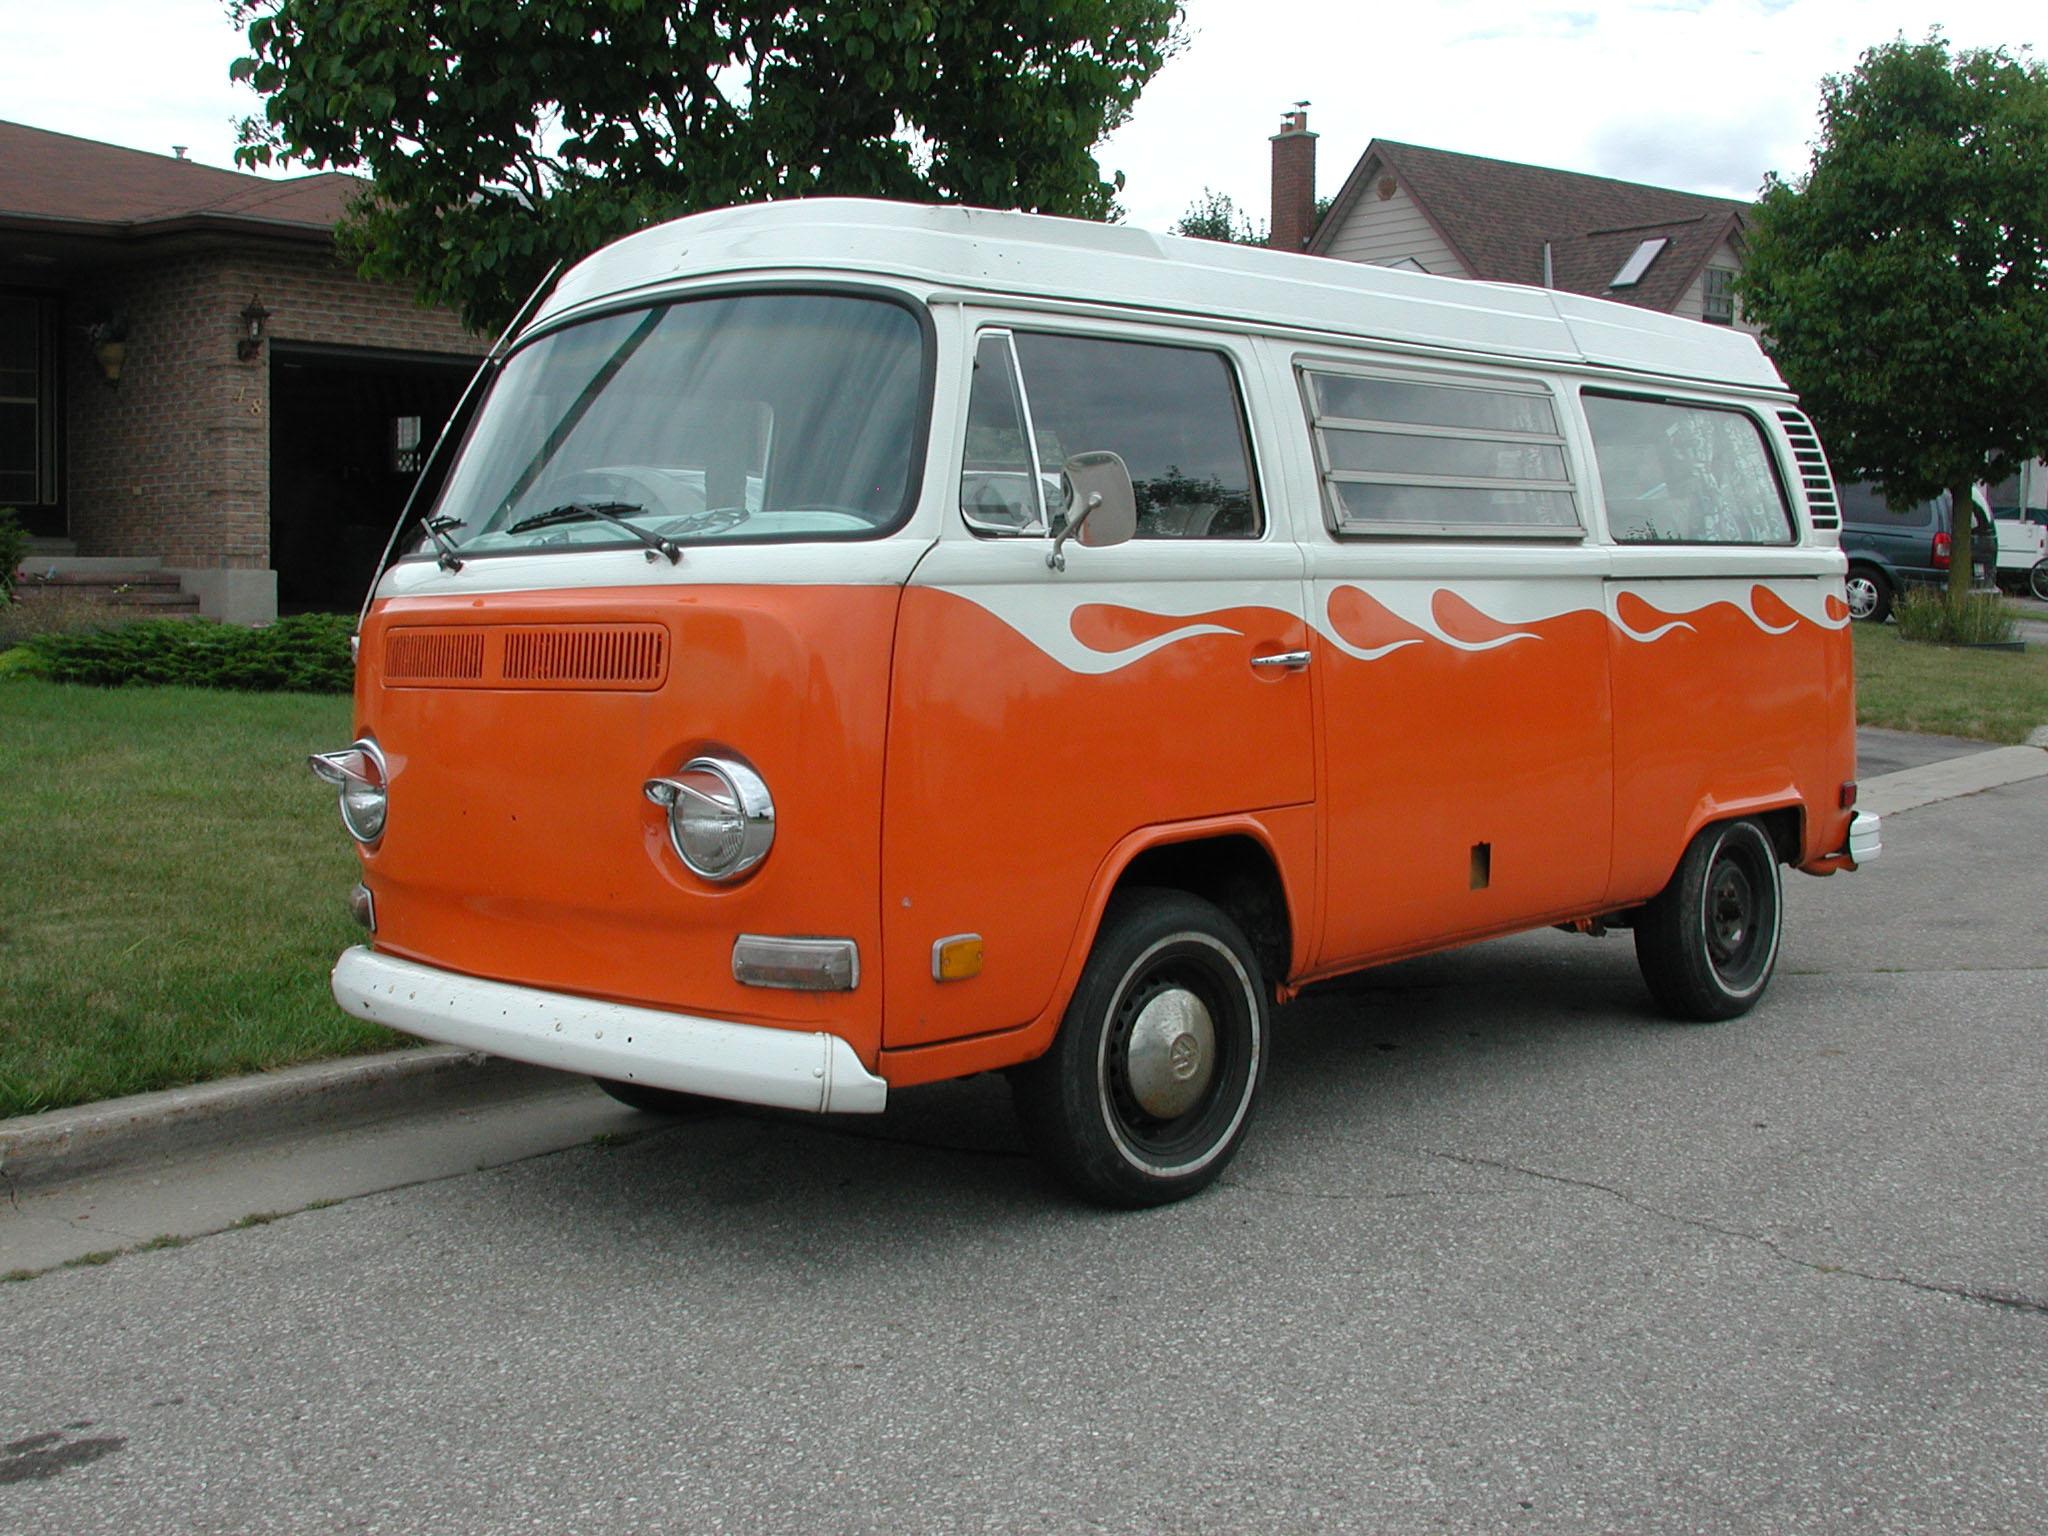 Old Volkswagen Van - Viewing Gallery